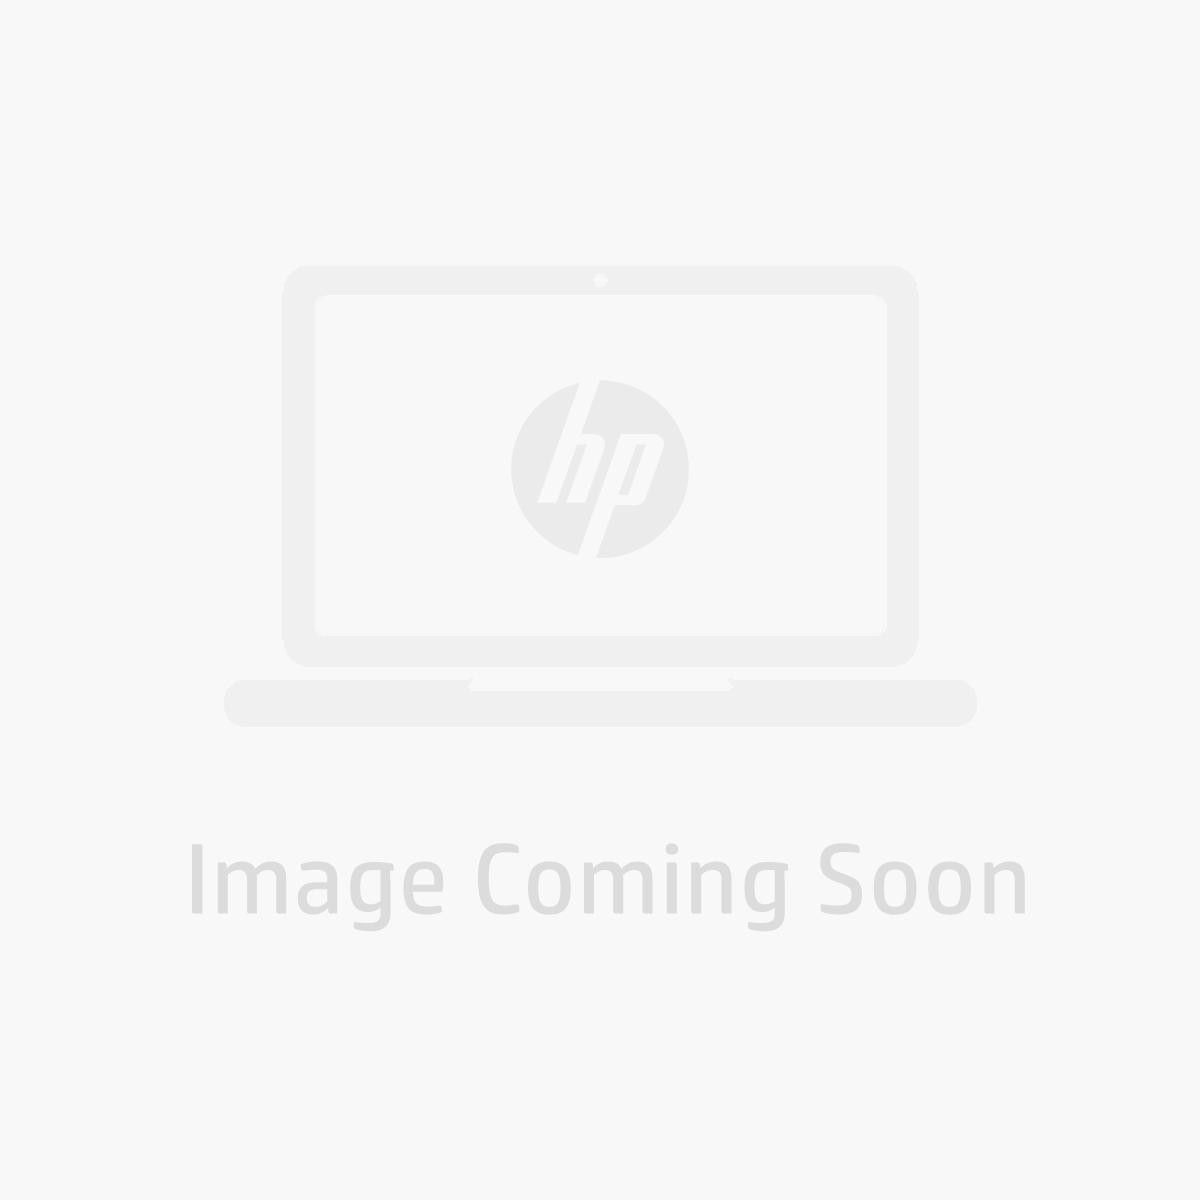 Volkano Append Series VGA To HDMI Converter Black